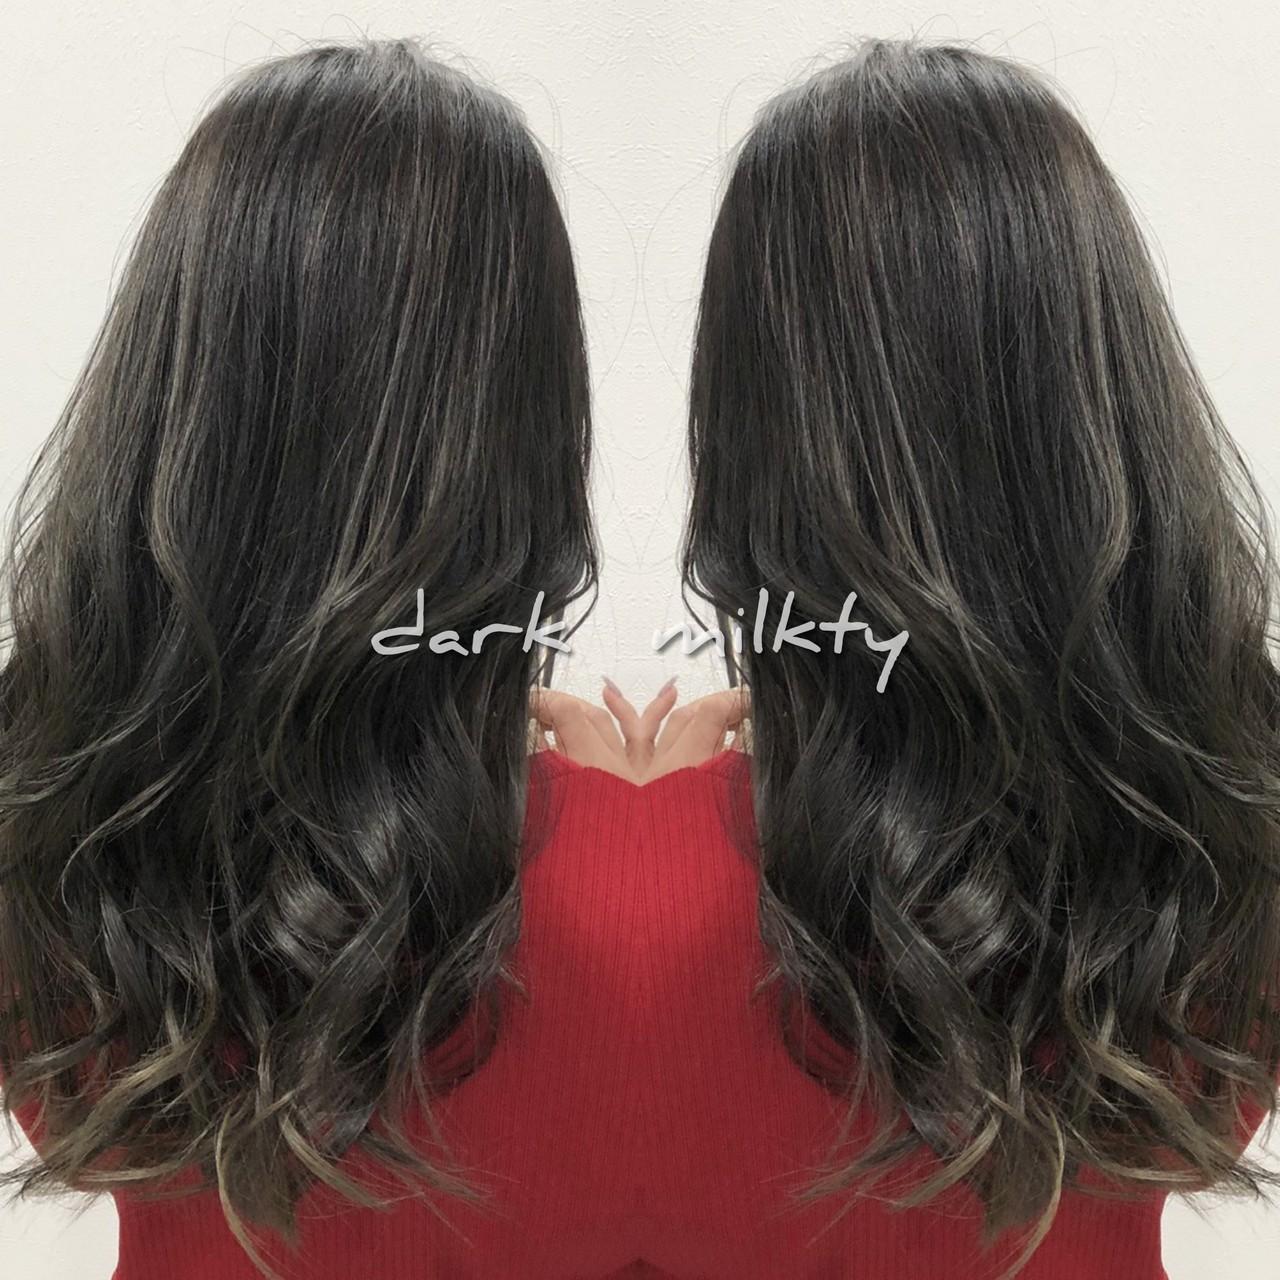 ダークグレー ロング バレイヤージュ 3Dハイライト ヘアスタイルや髪型の写真・画像